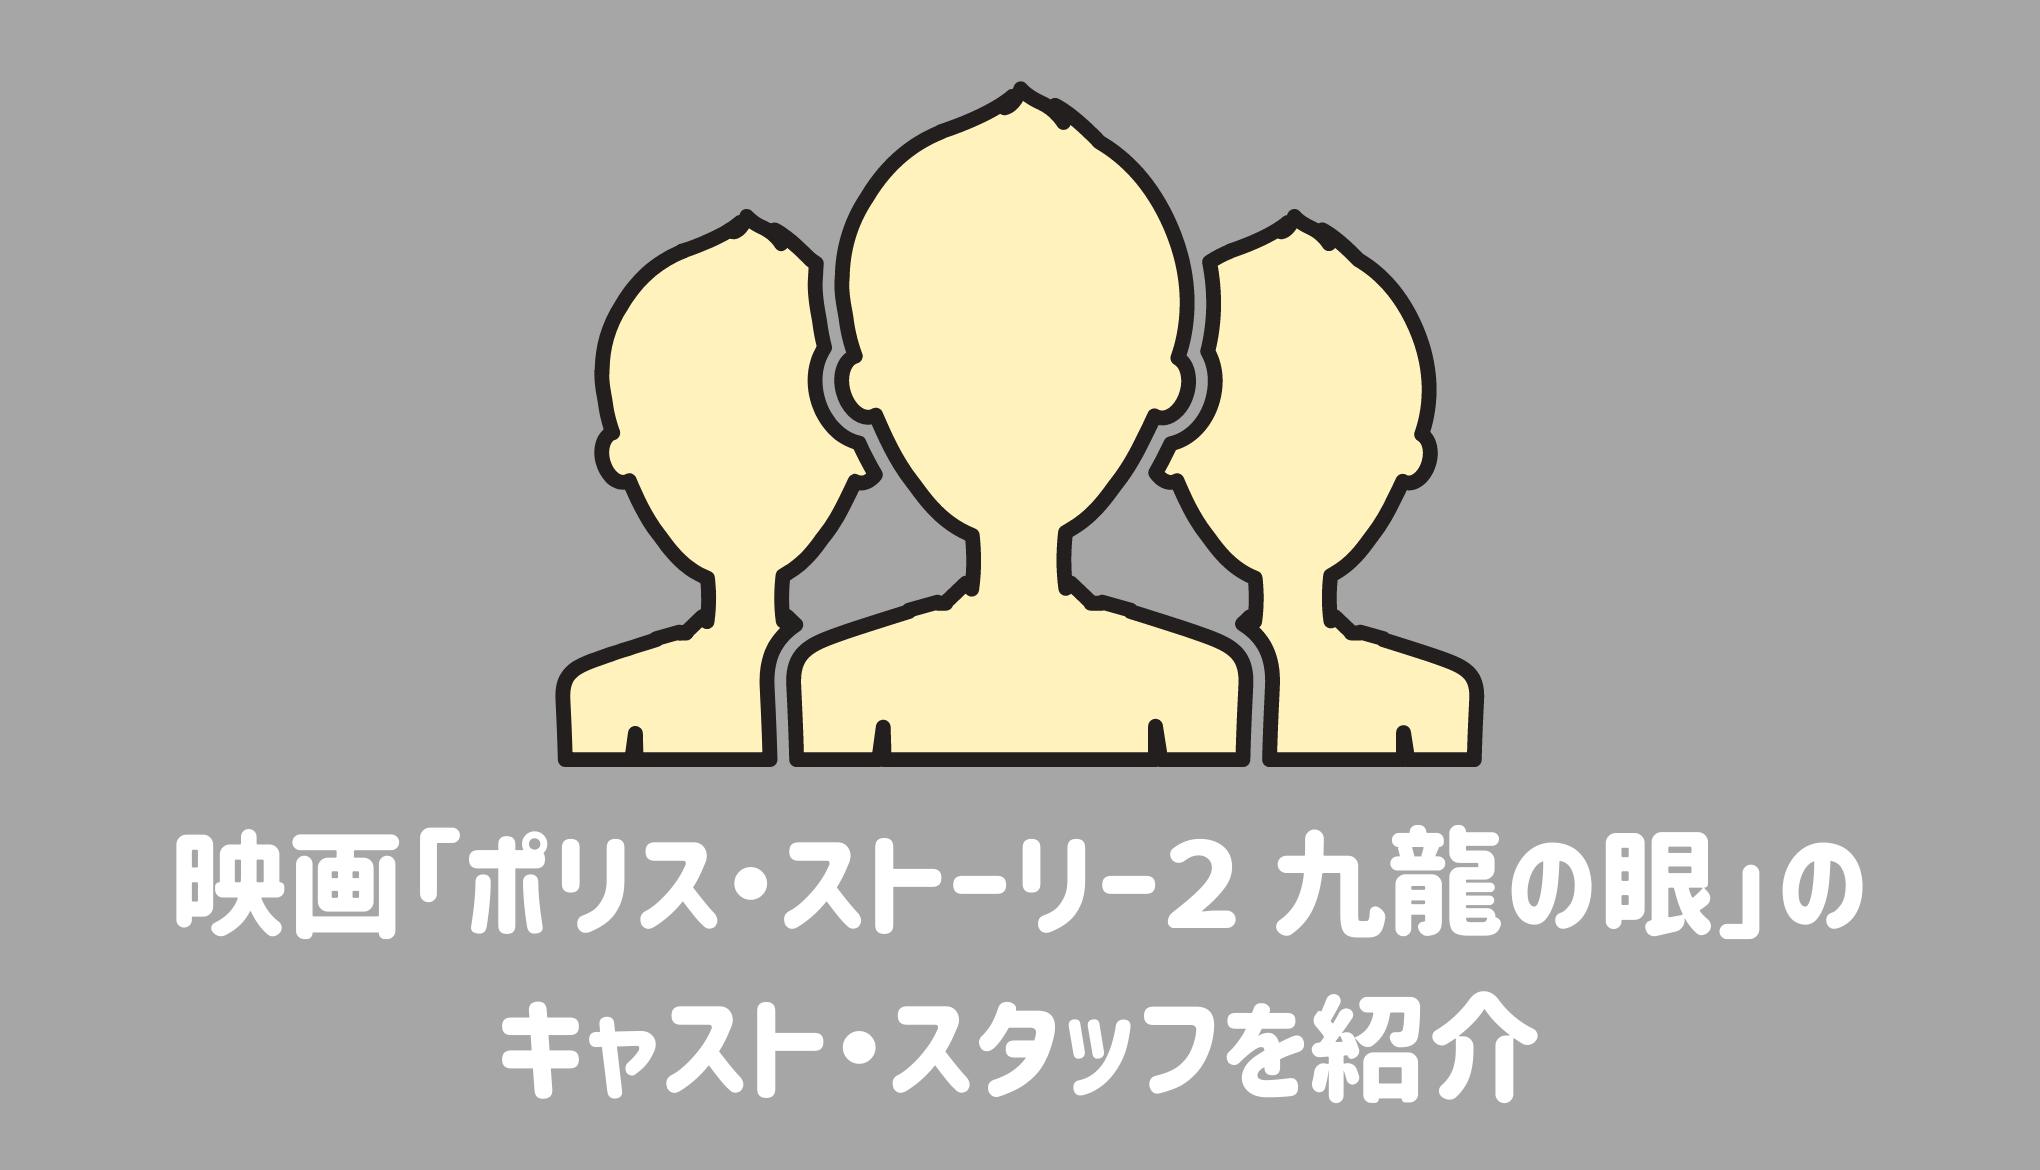 映画「ポリス・ストーリー2 九龍の眼」のキャスト・スタッフ